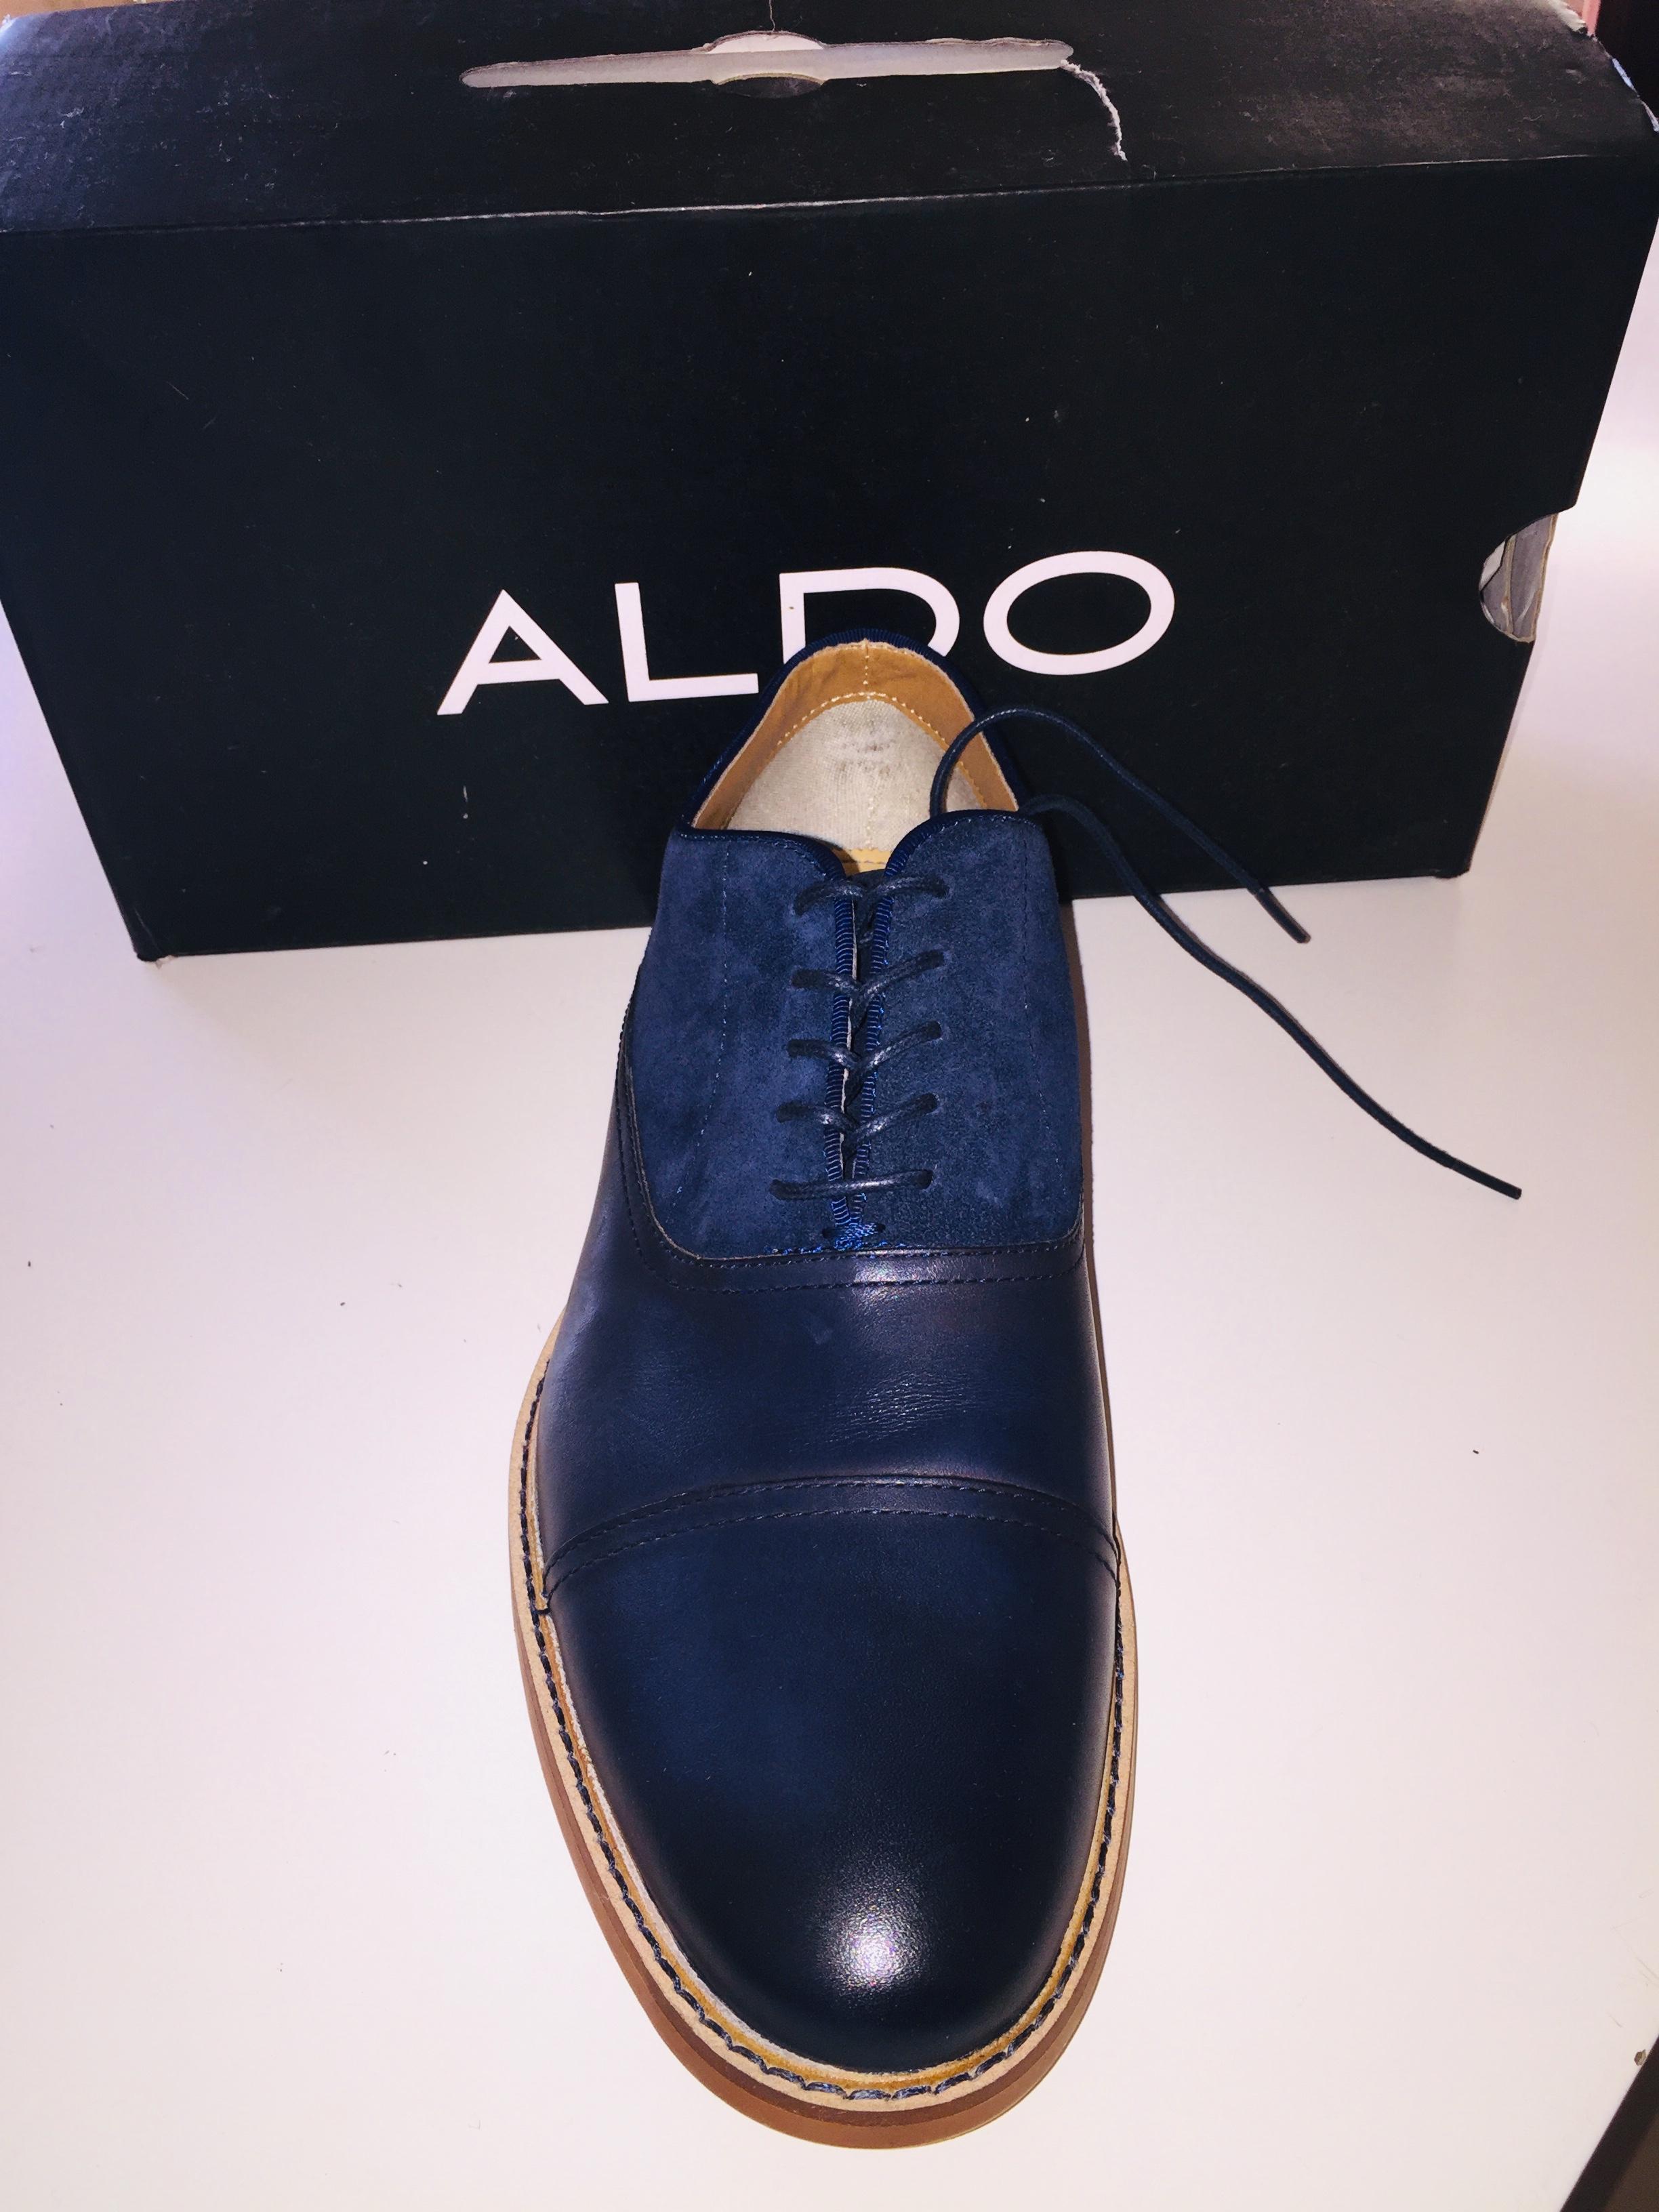 De Classe Izideals Cuir Wx07y Bleu Chaussures Nuit Aldo Daim Marque 3q45LARj